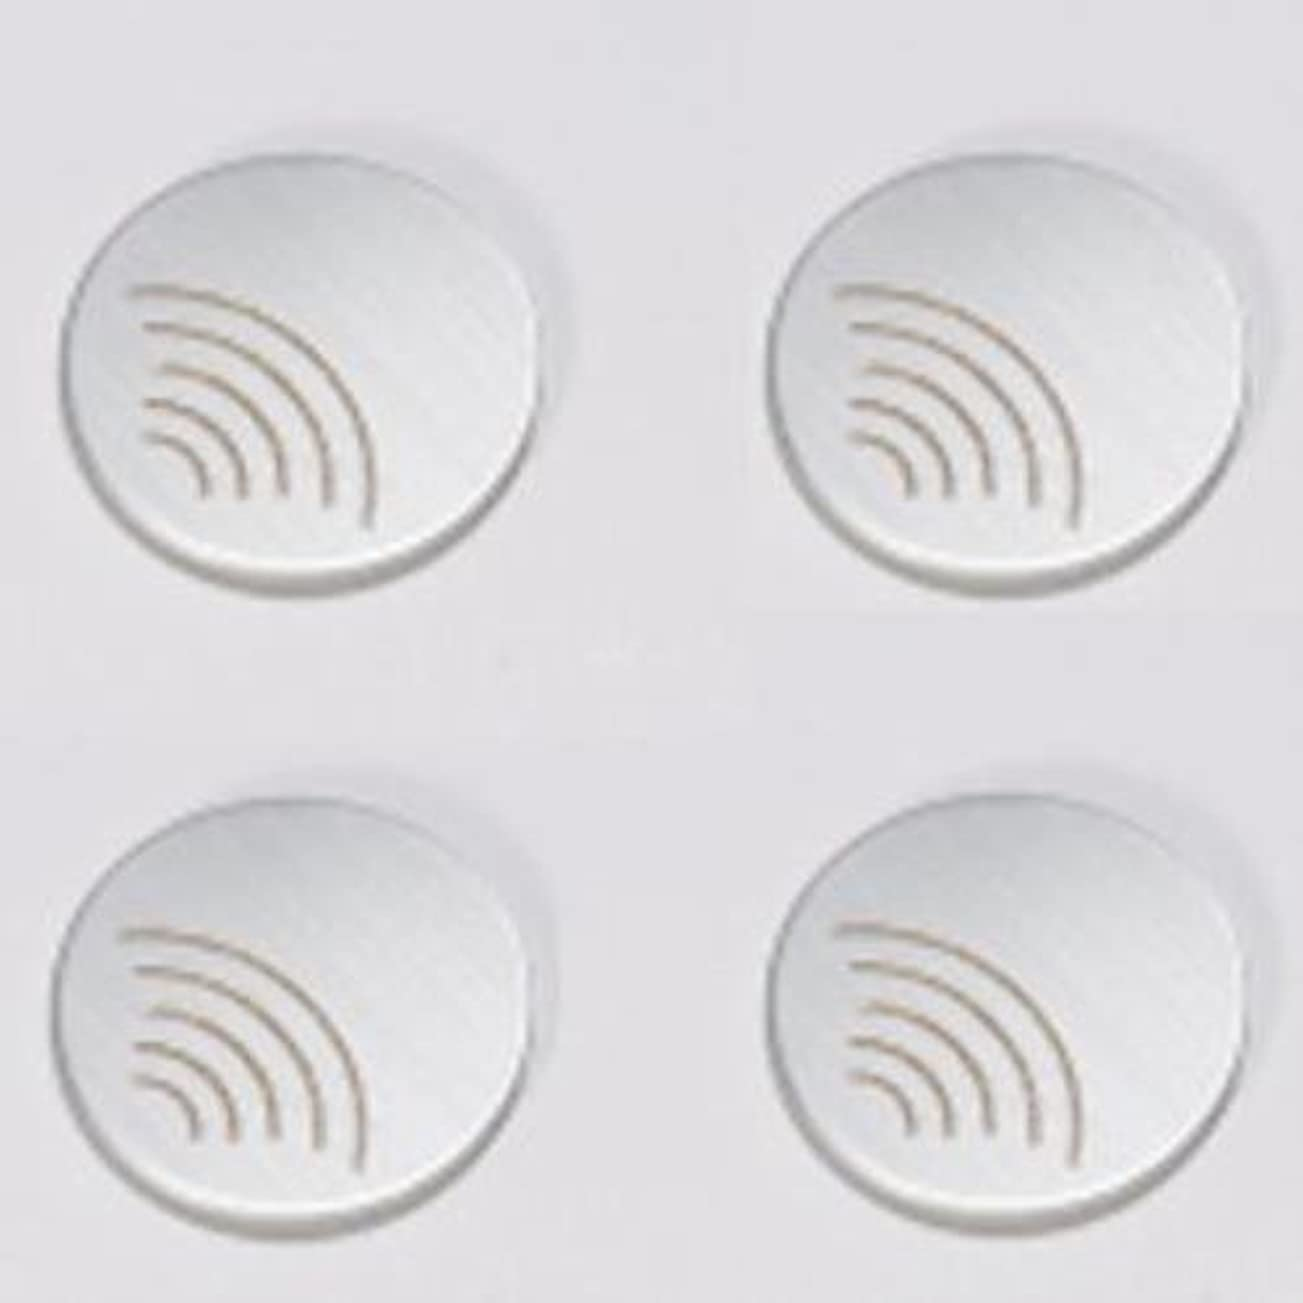 角度床を掃除する関係するBhado 携帯電話用 1g 4個セット